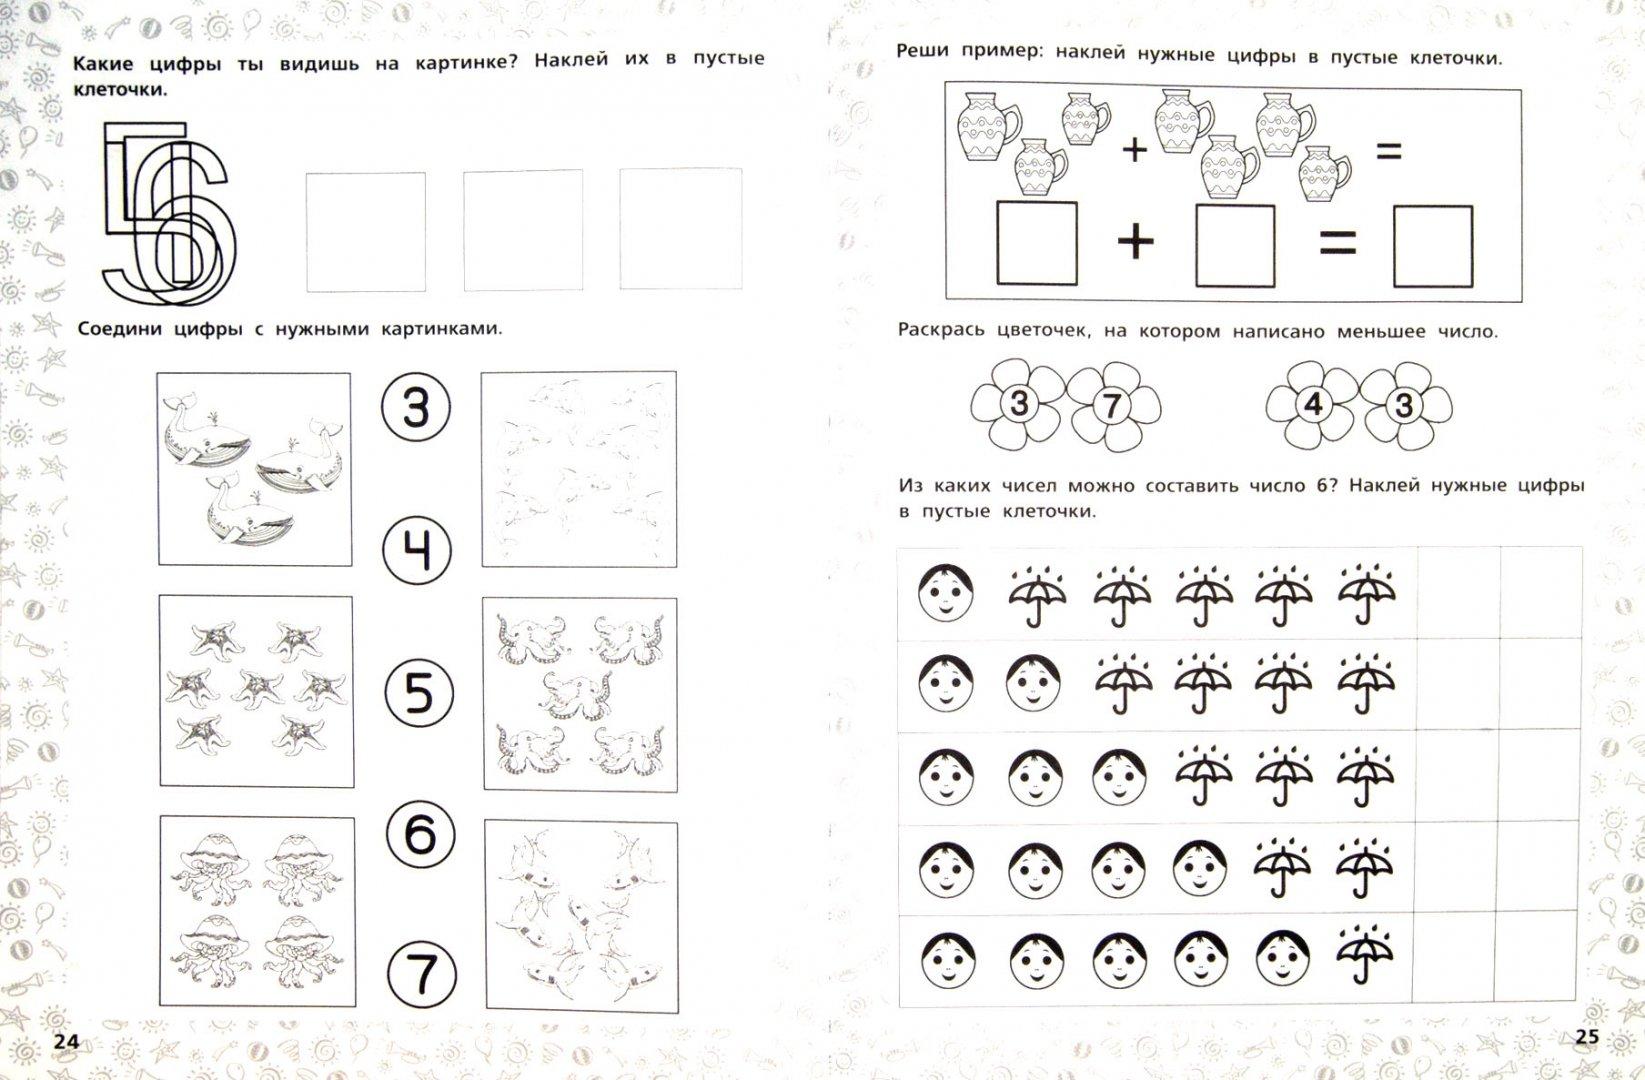 Иллюстрация 1 из 14 для Счет с крупными цифрами - Олеся Жукова | Лабиринт - книги. Источник: Лабиринт